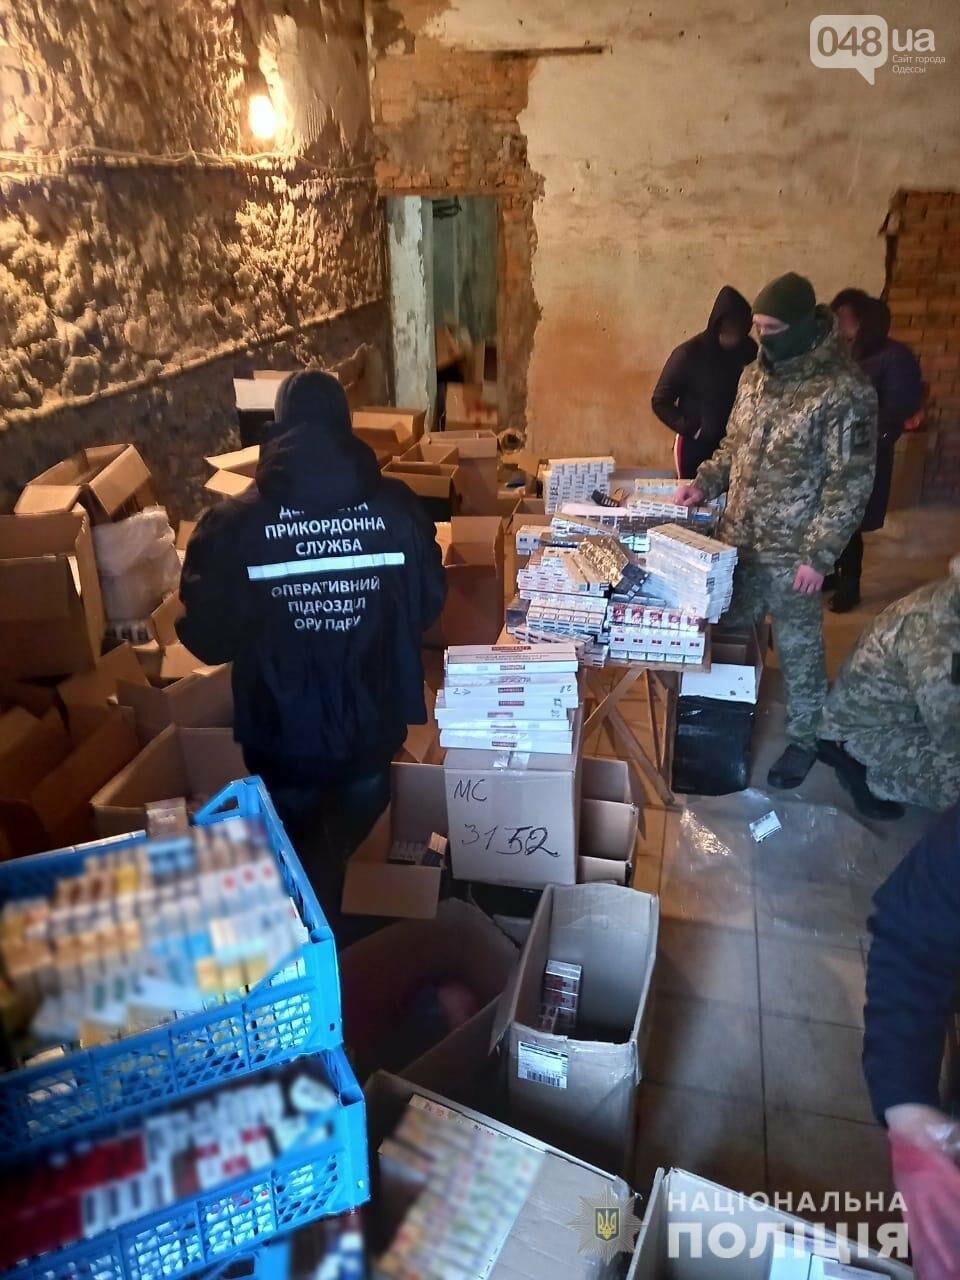 В Одесской области полицейские нашли 26 тысяч пачек сигарет и 200 литров алкоголя, - ФОТО, ВИДЕО, фото-1